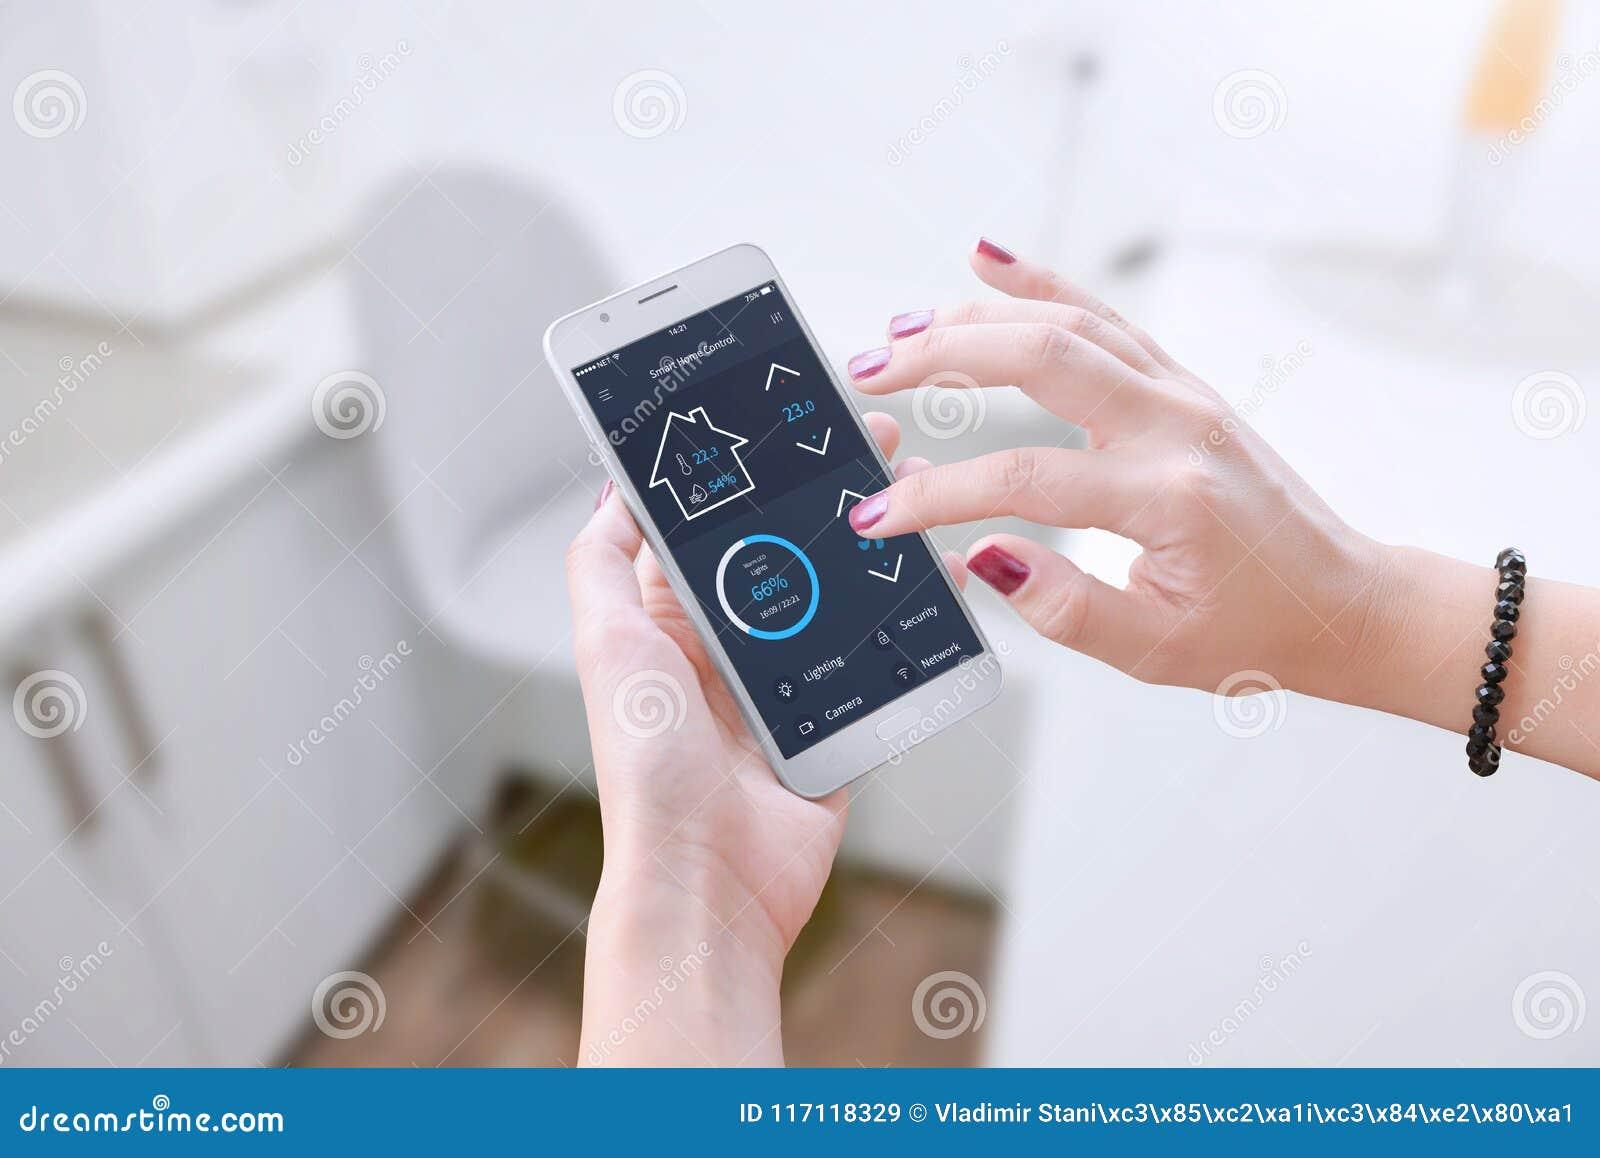 Software esperto para que o dispositivo móvel controle parâmetros do apartamento